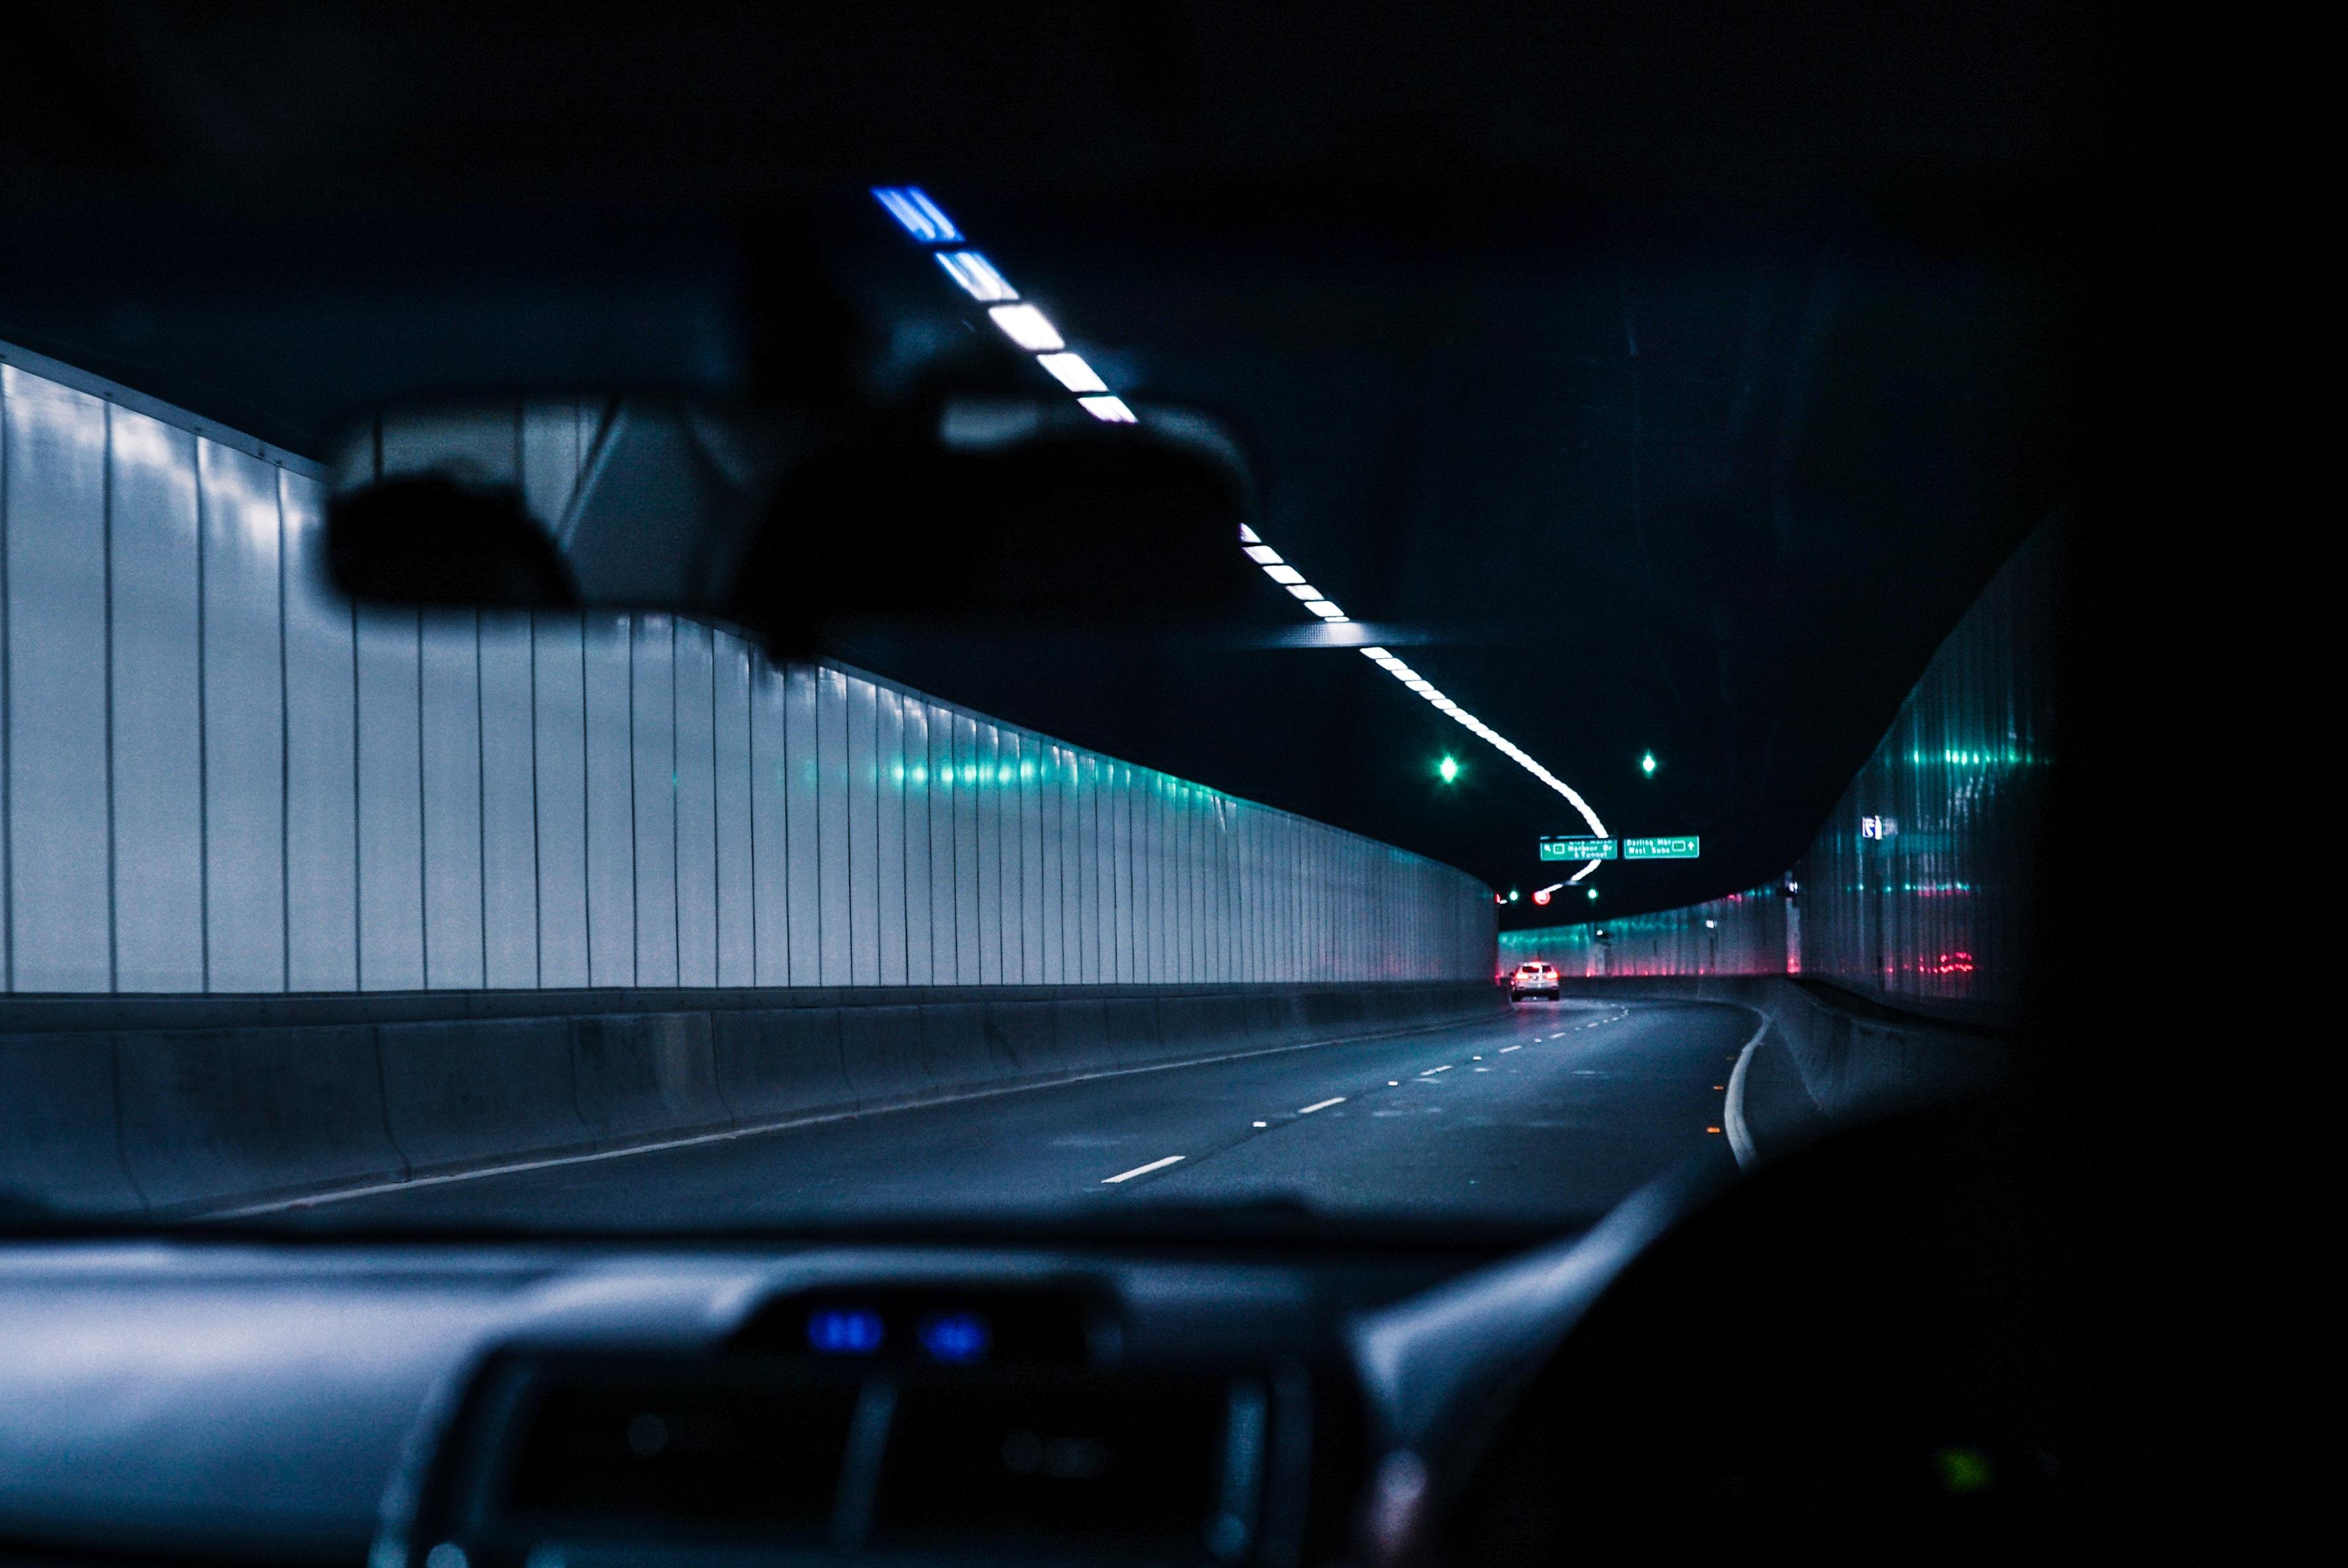 Milyen gyakran használják az önvezető funkciót a sofőrök?